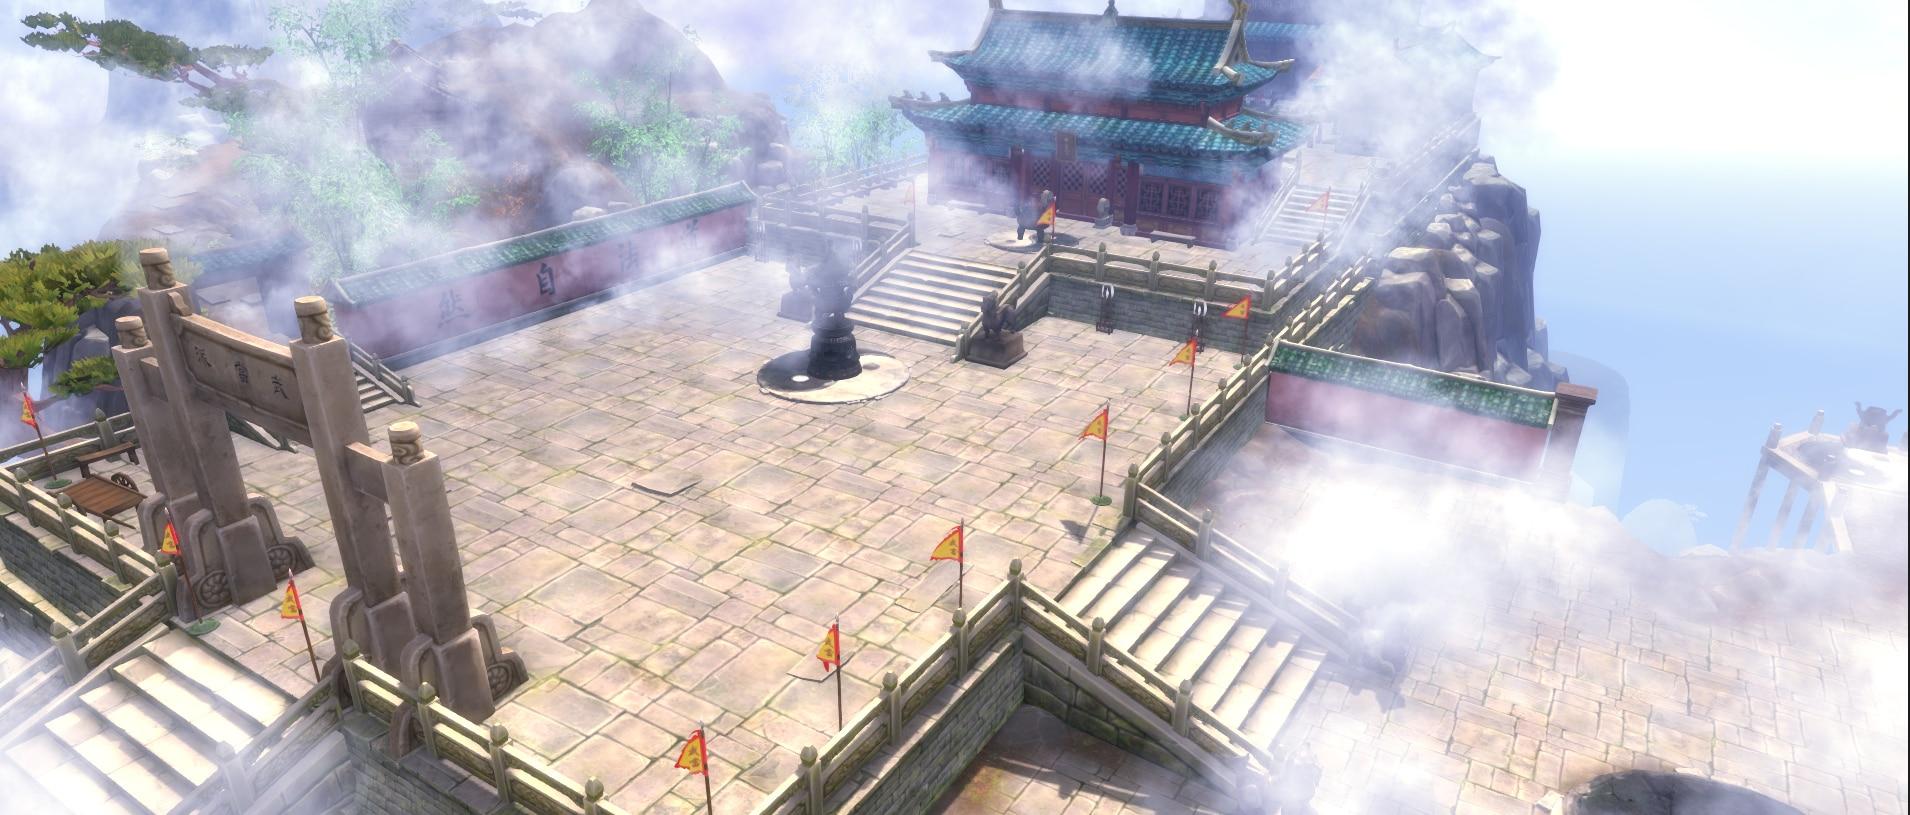 侠客风云传(Tale of Wuxia) Steam Gift GLOBAL - 3